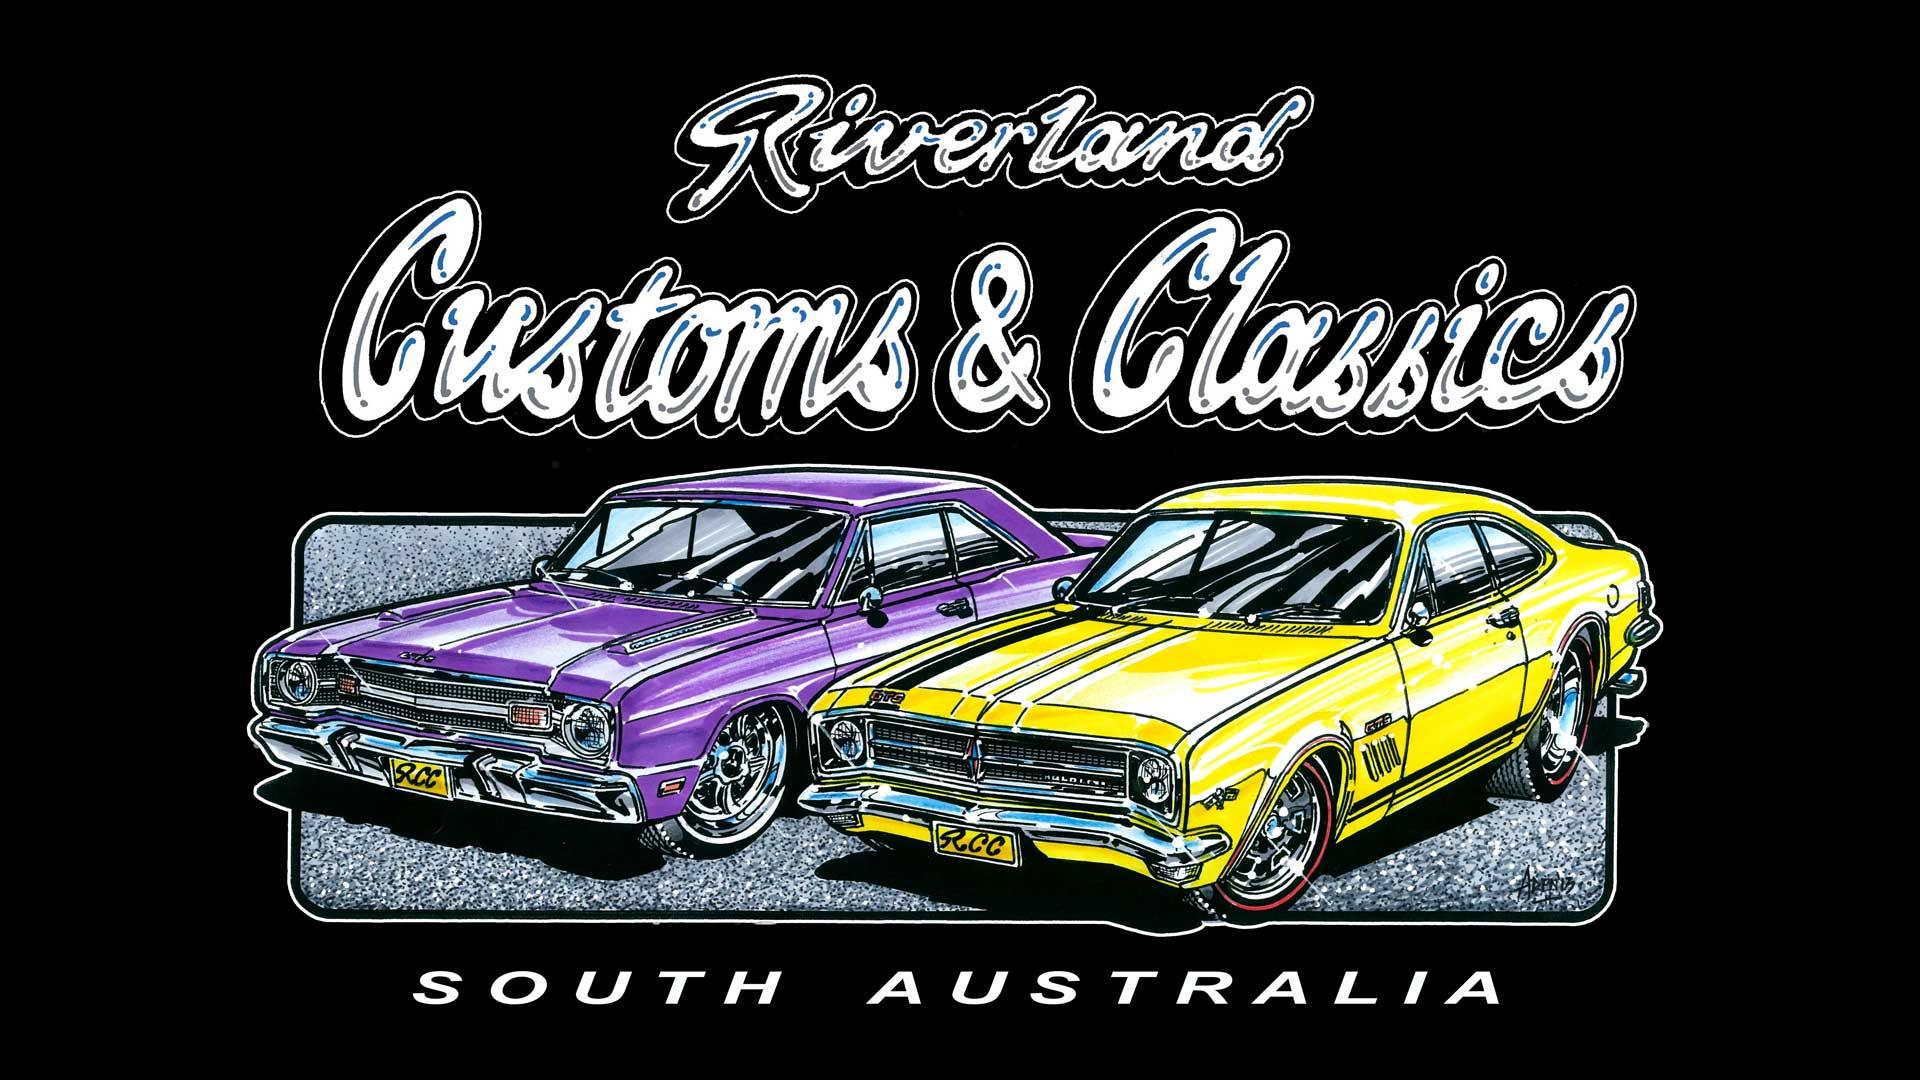 Riverland Custom & Classics